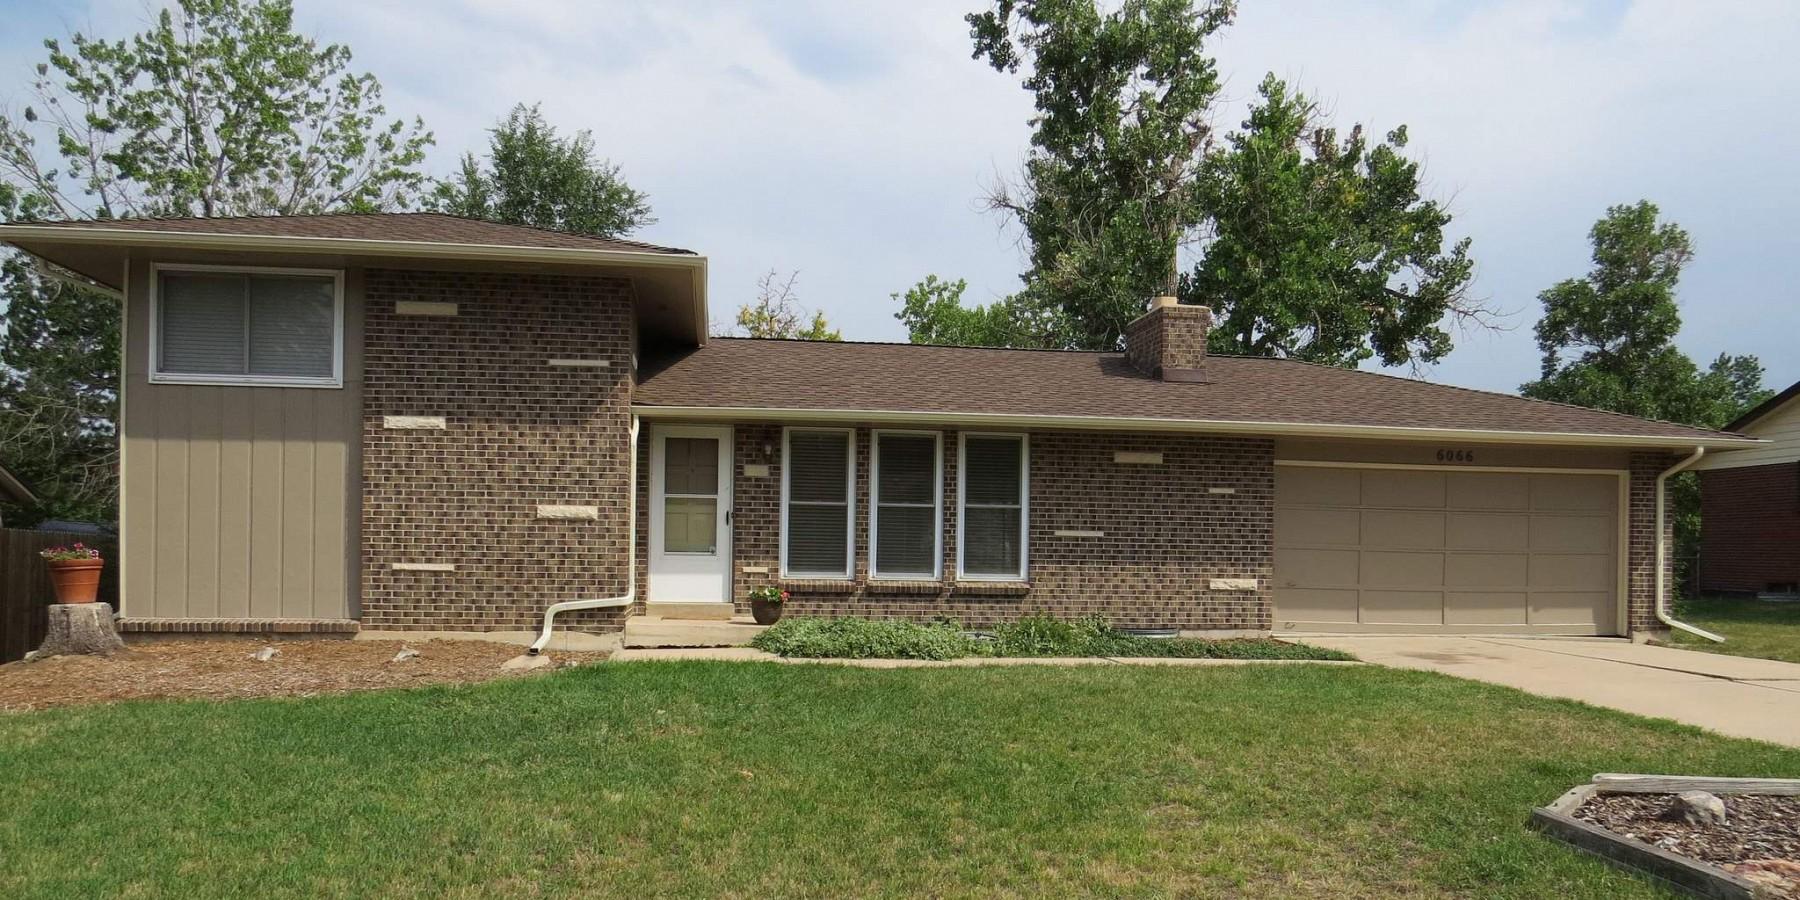 6066 South Lamar Drive, Littleton, CO 80123